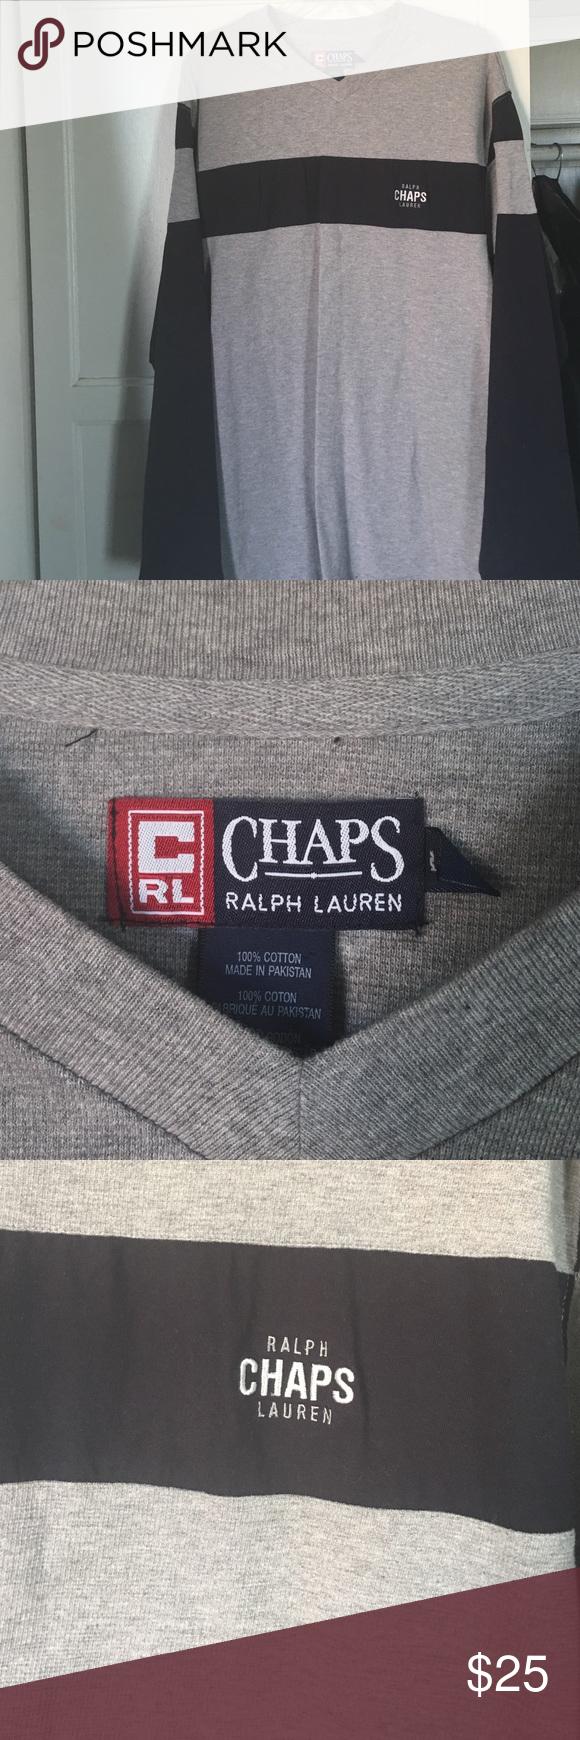 Ralph Lauren t-shirt Ralph Lauren, t-shirt Ralph Lauren Sweaters V-Neck